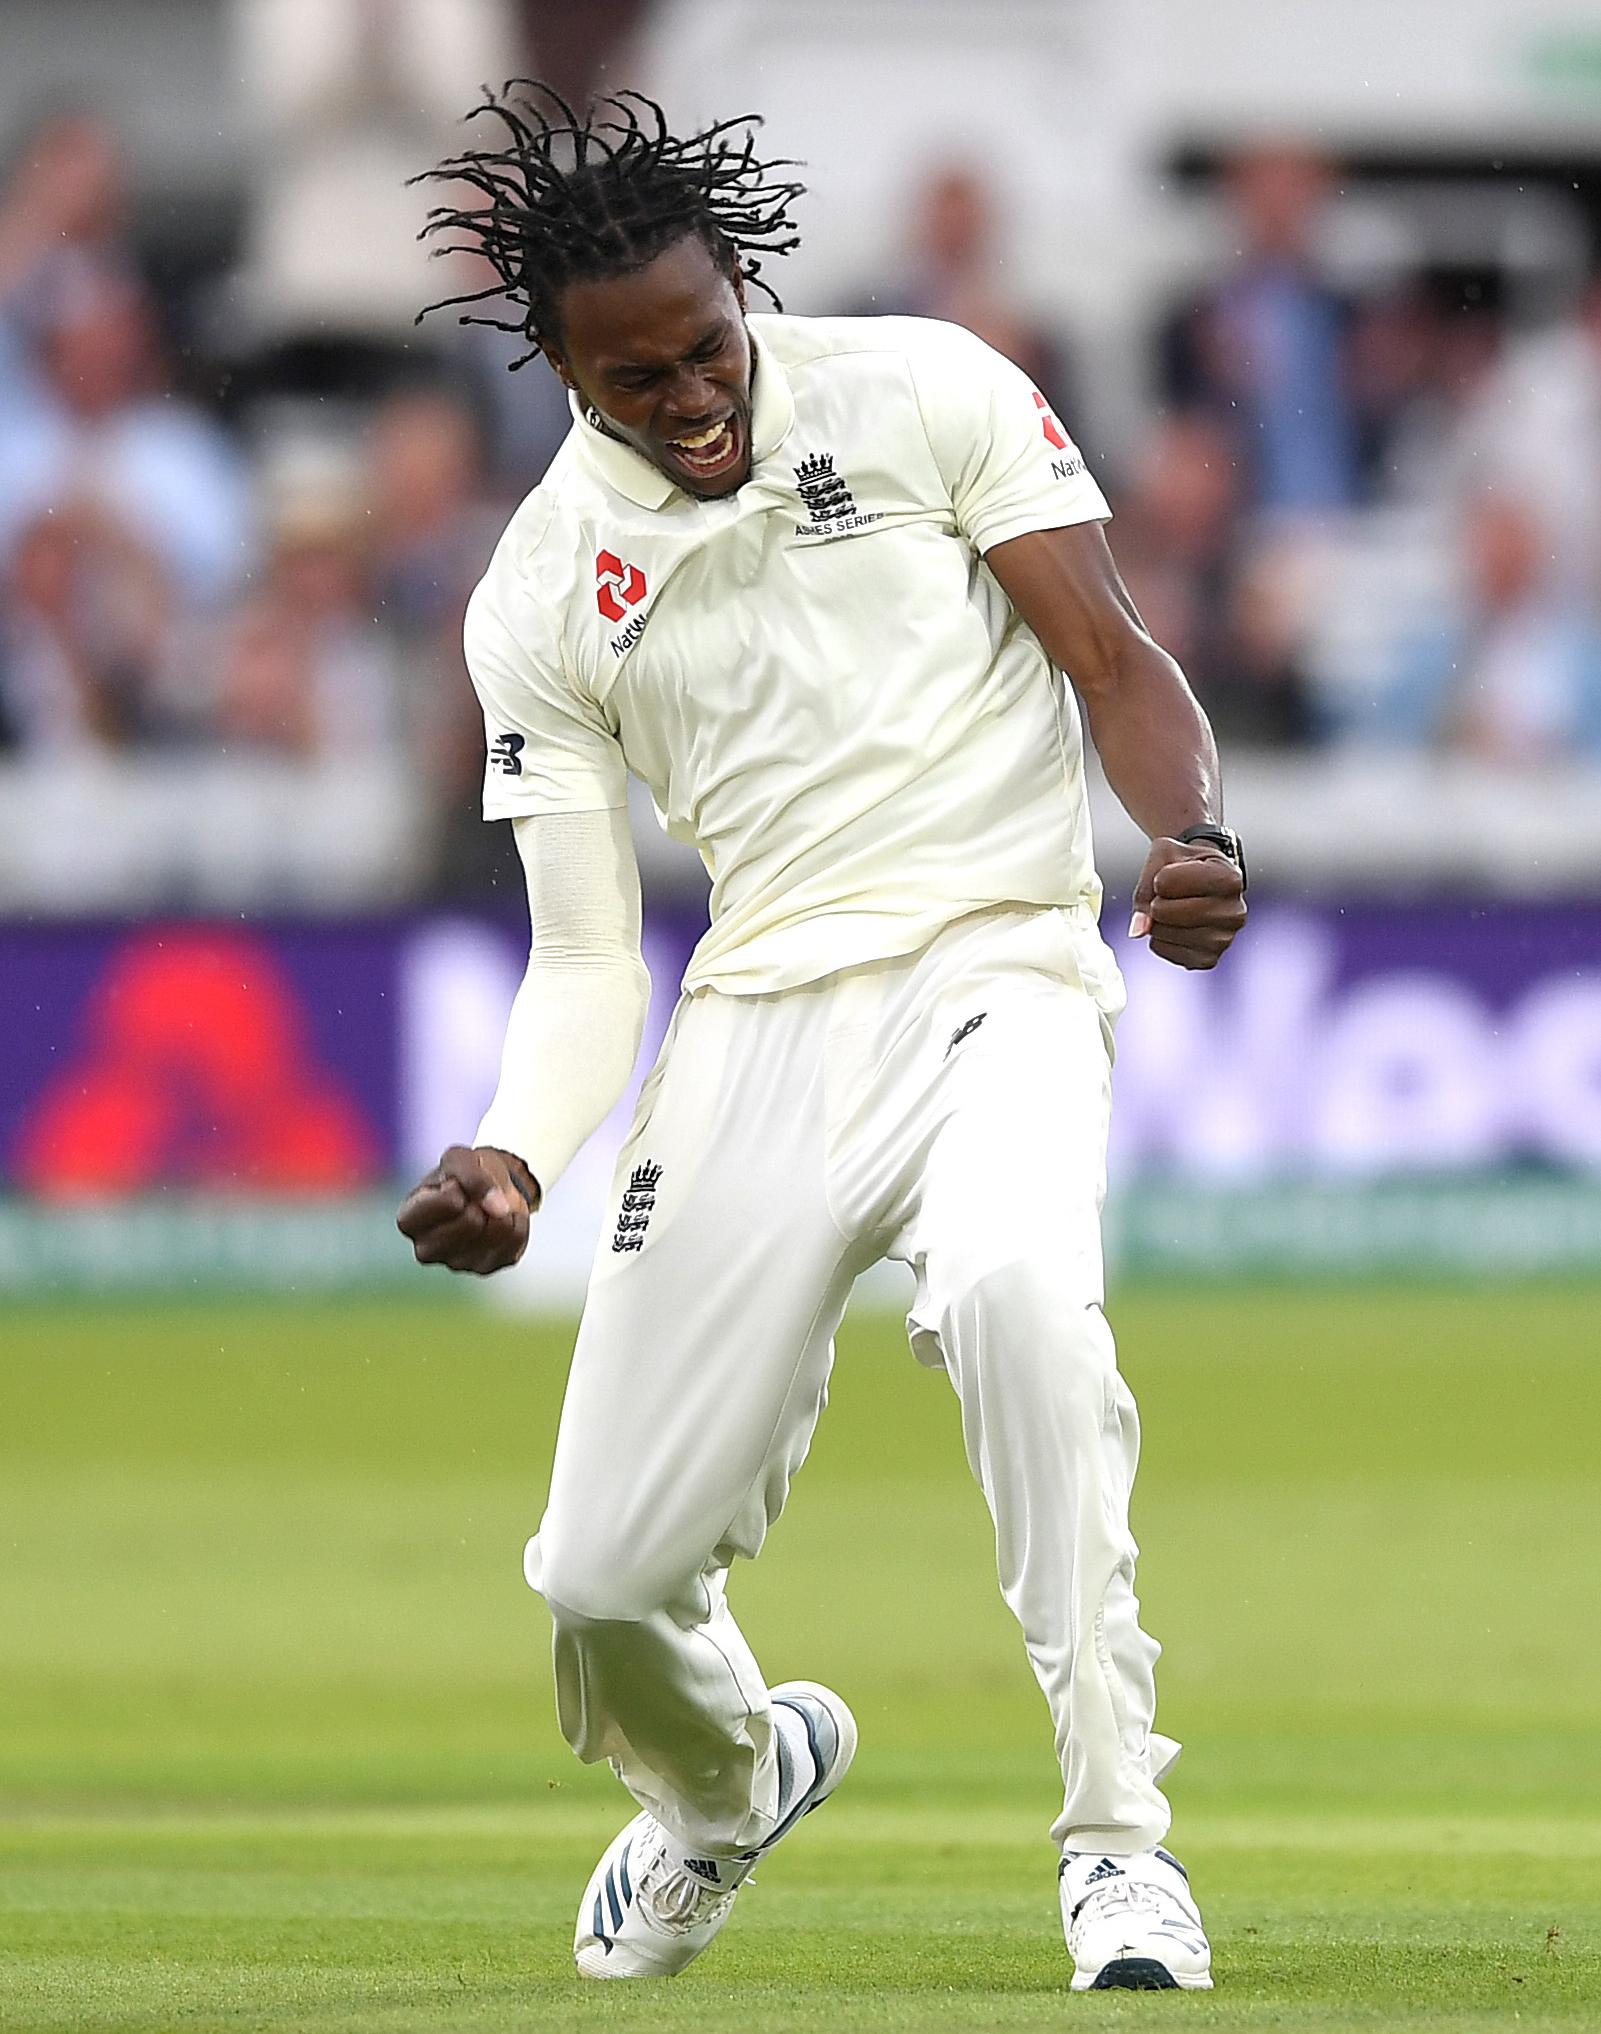 Archer celebrates his maiden Test wicket // Getty